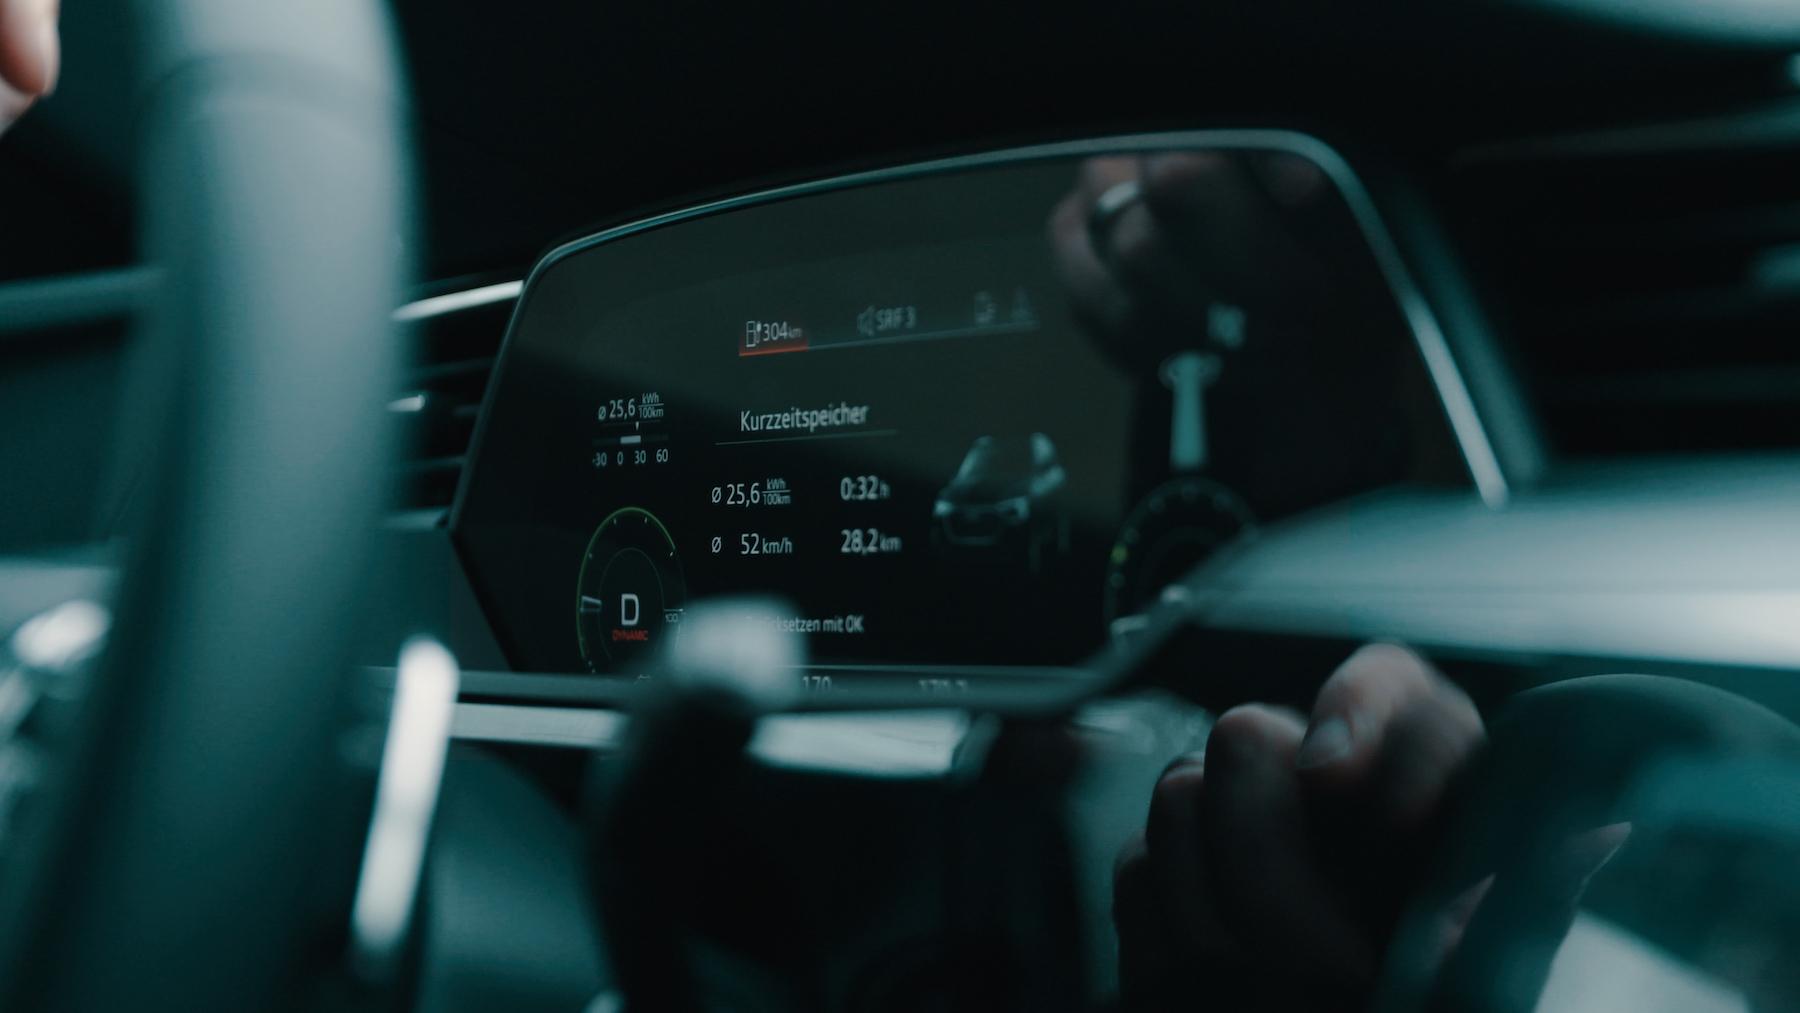 Le cockpit virtuel de l'Audi e-tron indique l'autonomie donnée par l'énergie accumulée.